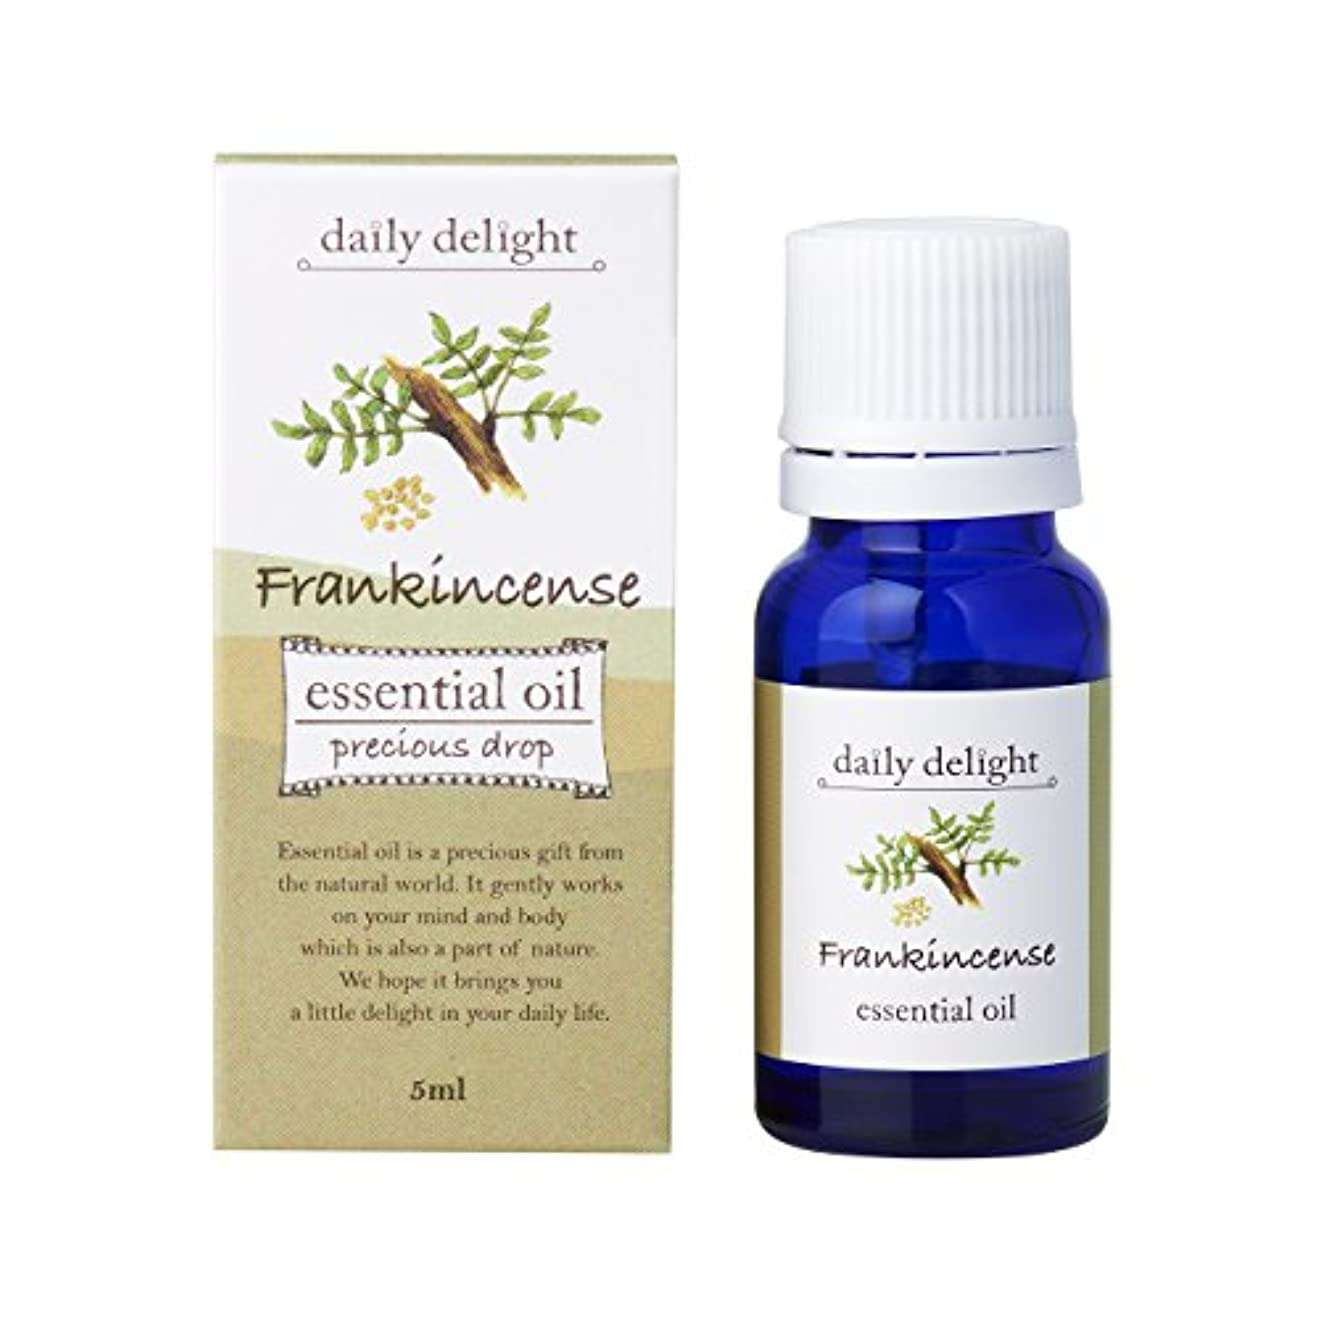 セラフ大混乱引き金デイリーディライト エッセンシャルオイル フランキンセンス 5ml(天然100% 精油 アロマ 樹脂系 樹脂から採れるさわやかな木の香り)